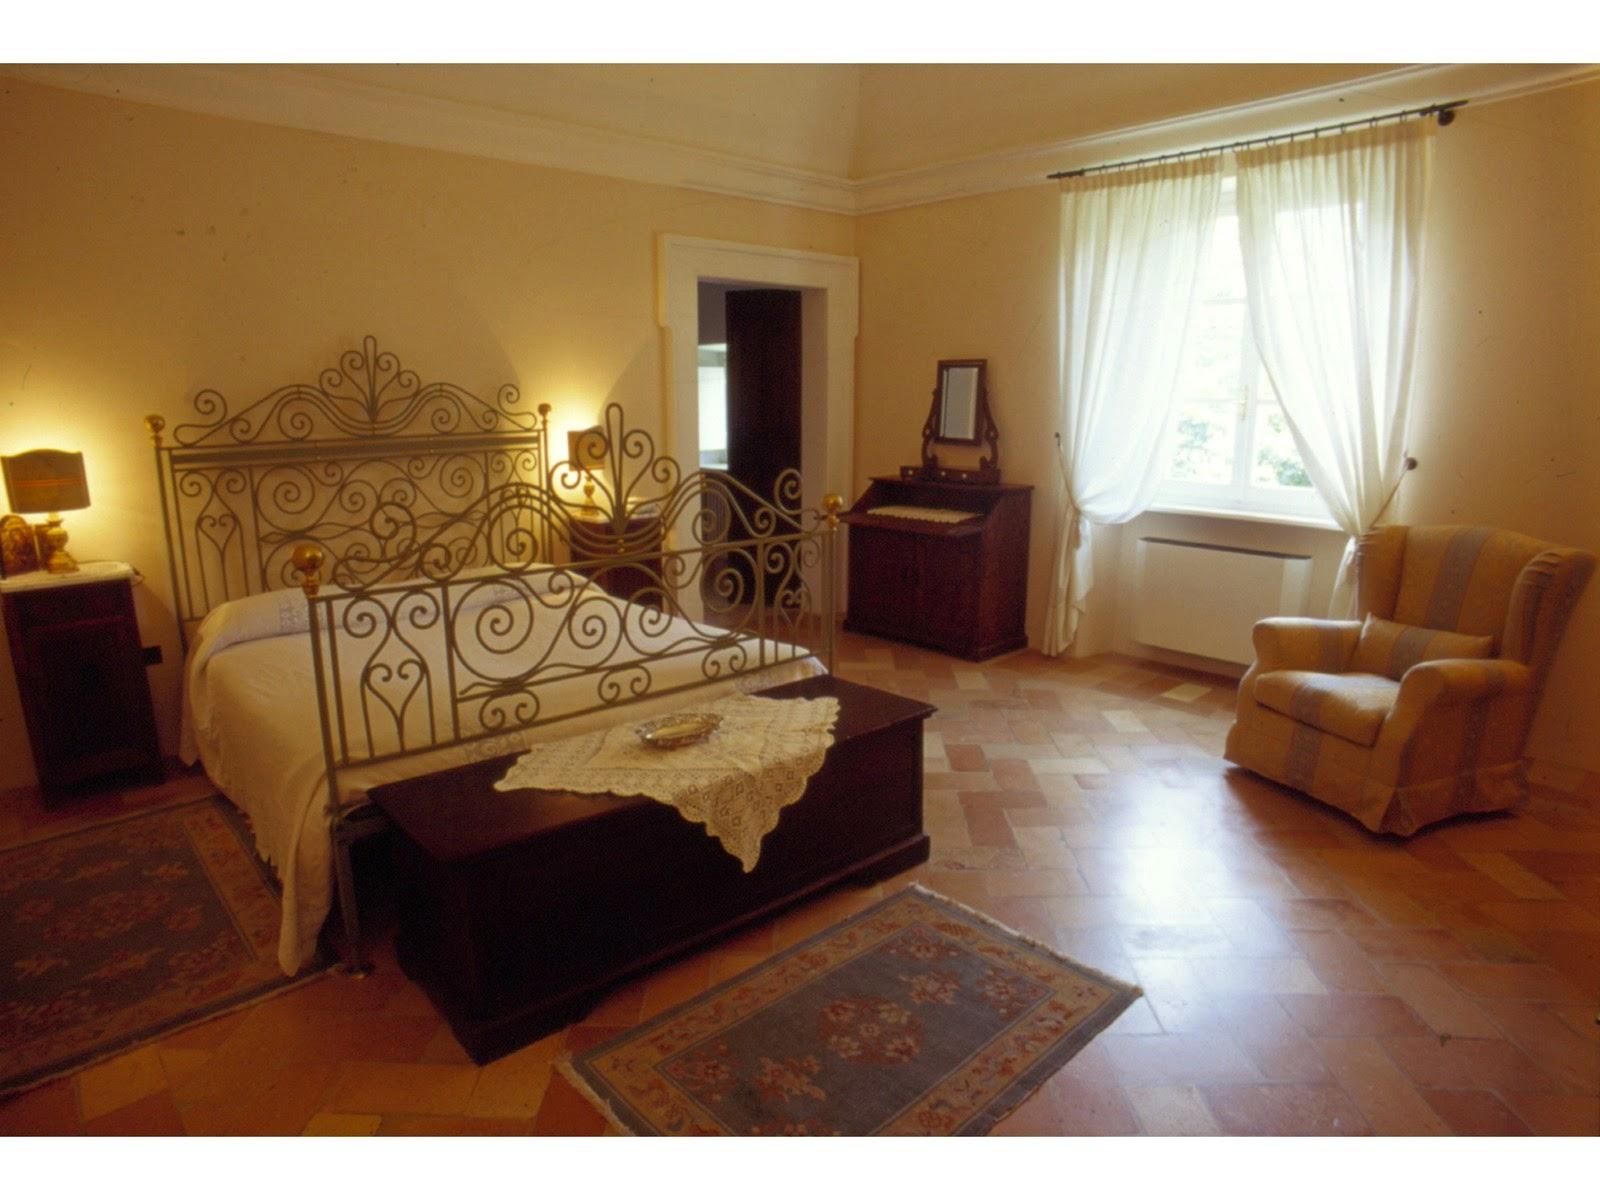 Ferienhaus Villa Montemaggiore (934885), Colli del Tronto, Ascoli Piceno, Marken, Italien, Bild 11